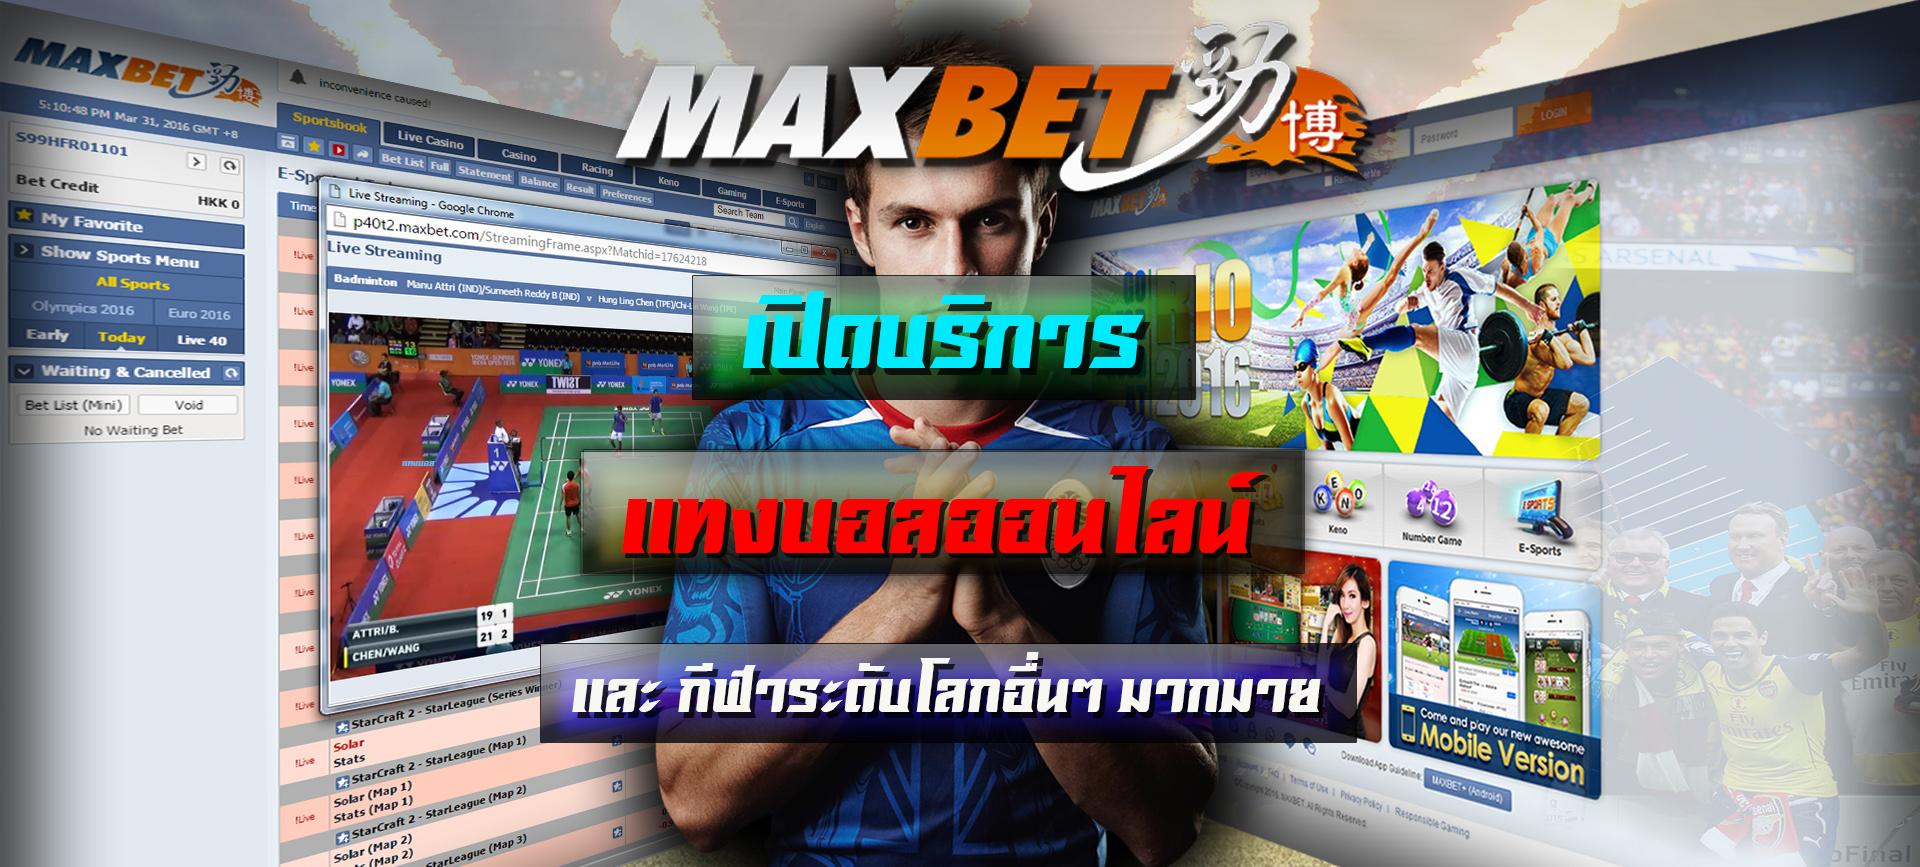 __Maxbet_online